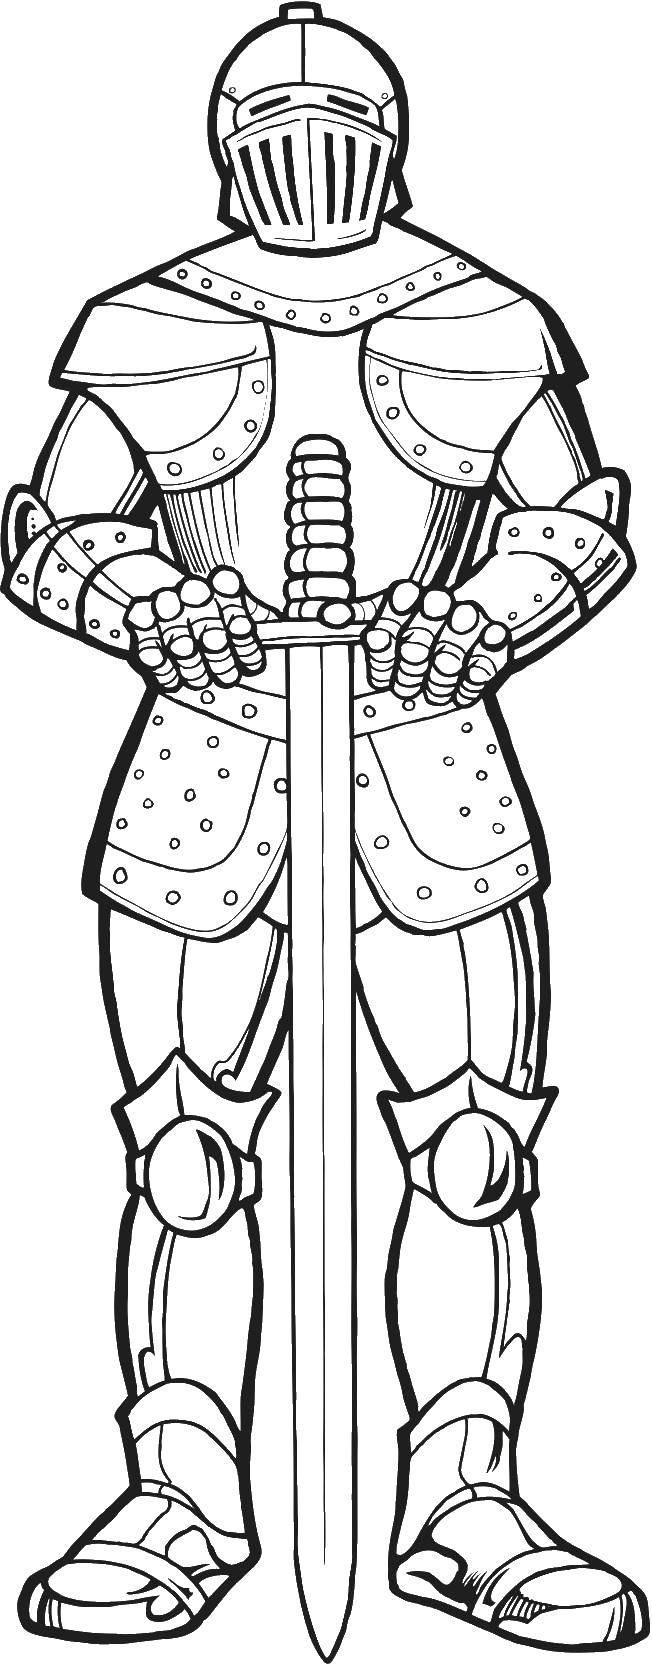 Название: Раскраска Рыцарь в доспехах. Категория: Рыцари. Теги: рыцари, доспехи, меч.